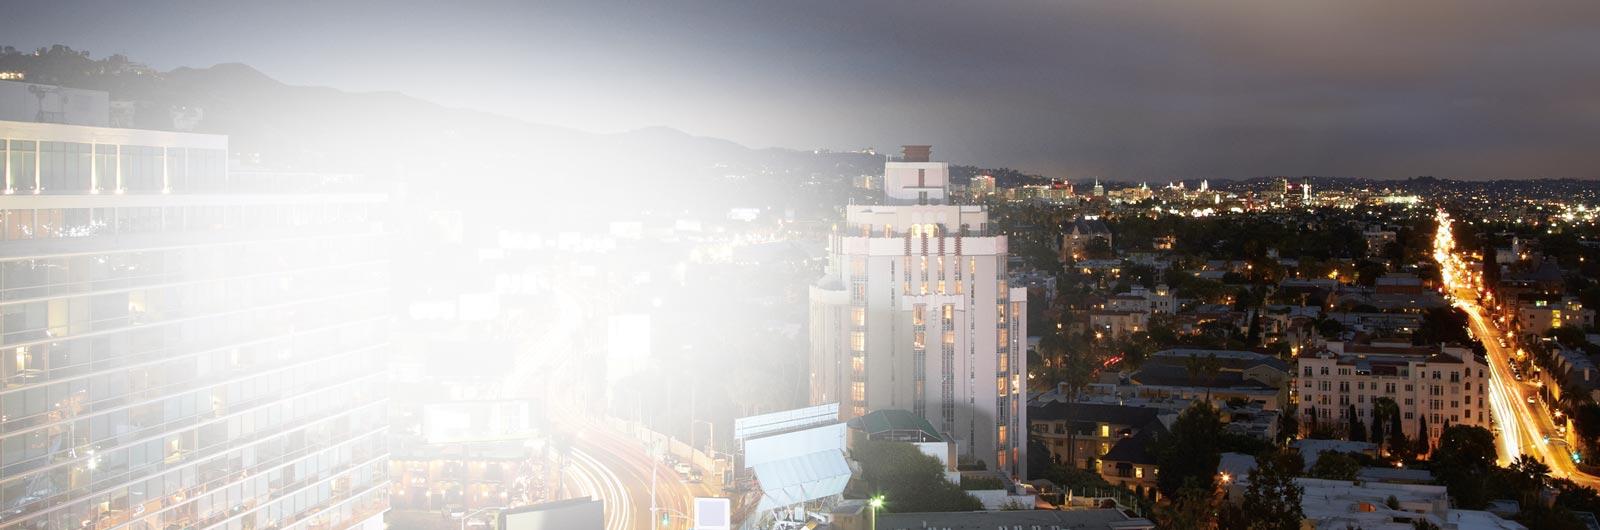 Pandangan malam bandar besar. Baca kisah pelanggan Exchange dari seluruh dunia.